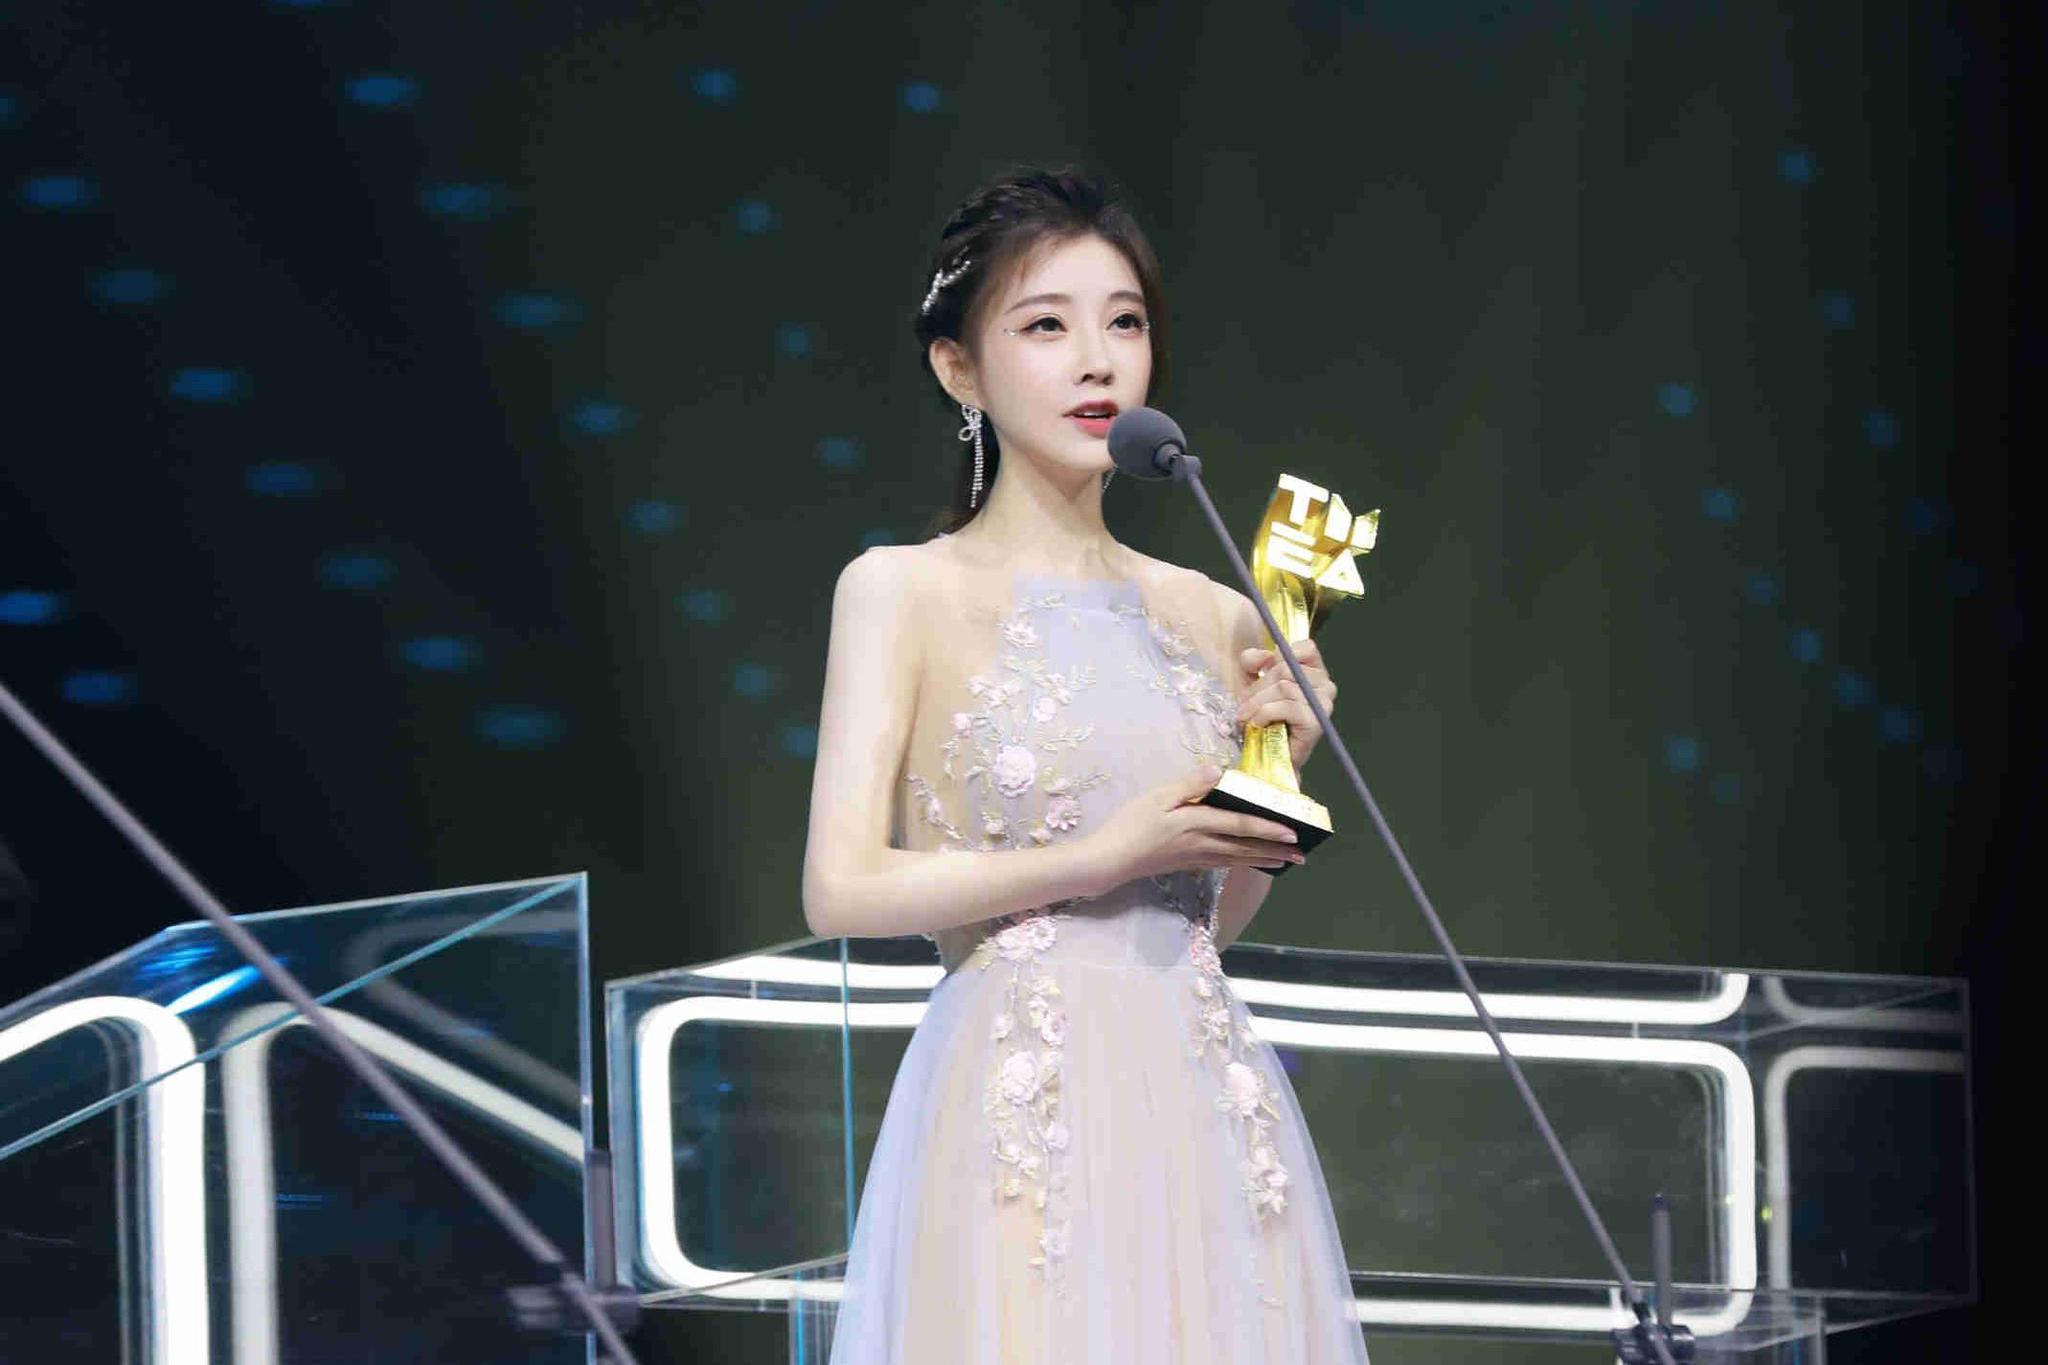 冯提莫鹅黄色纱裙出席音乐盛典 获年度突破艺人称号